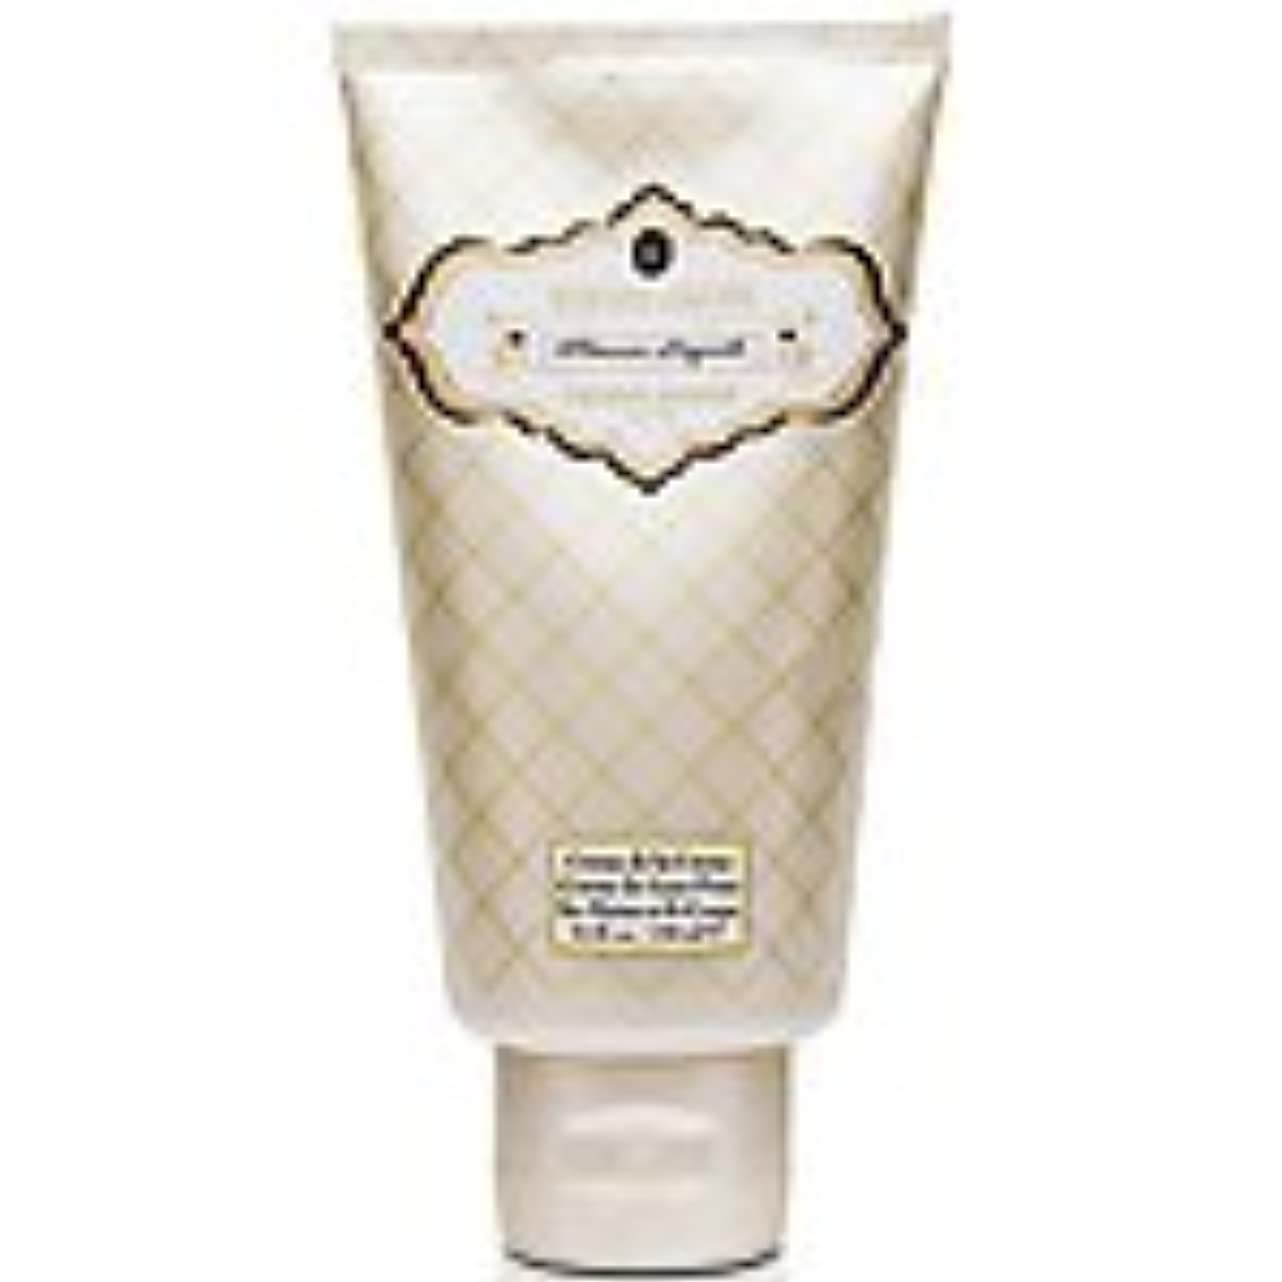 鎮静剤割り込みのりMemoire Liquide Reserve - Amour Liquide (メモワールリキッドリザーブ - アモアーリキッド) 5.1 oz (153ml) Body Cream for Unisex